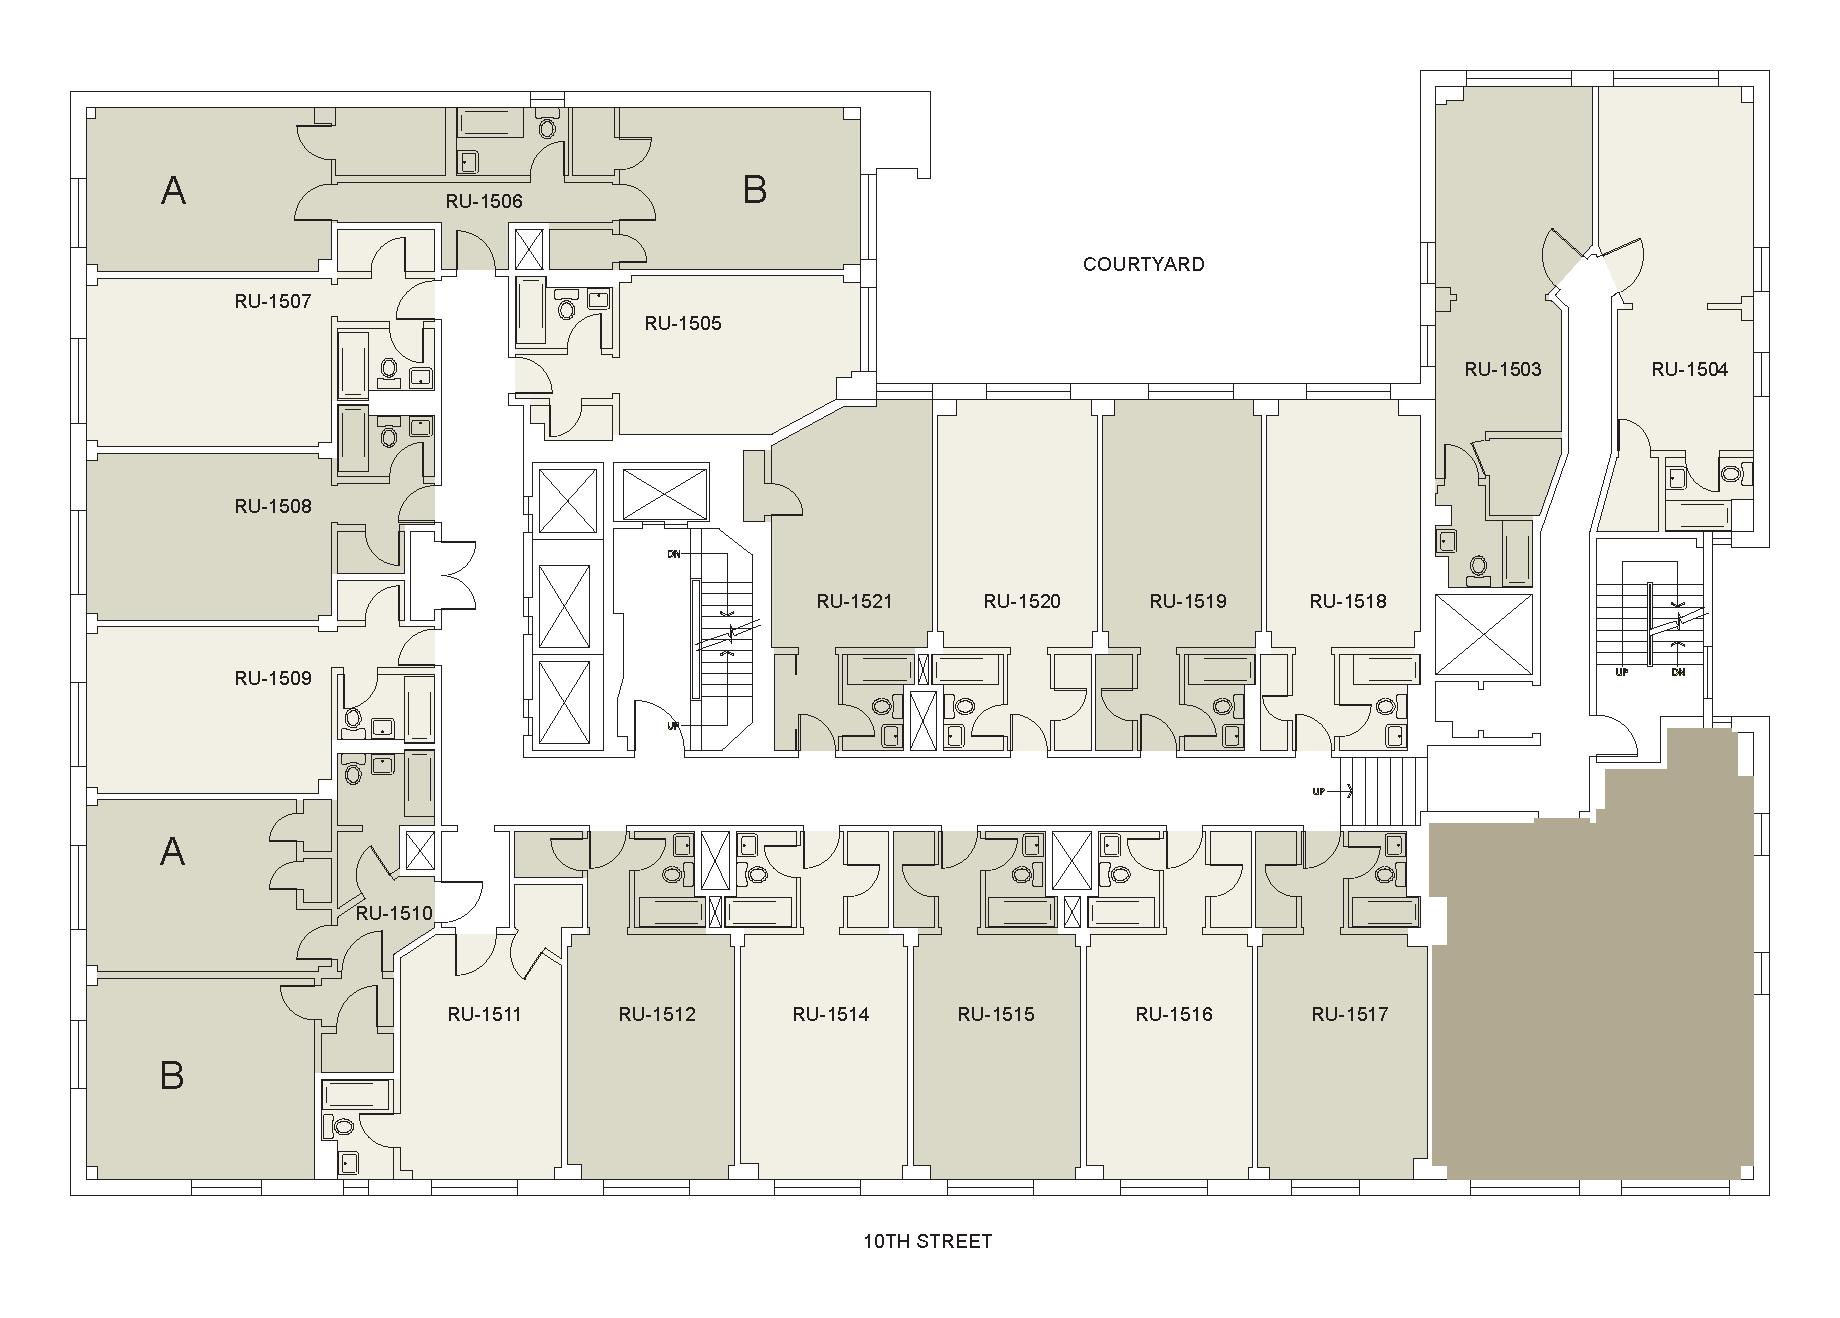 Floor plan for Rubin Floor 15